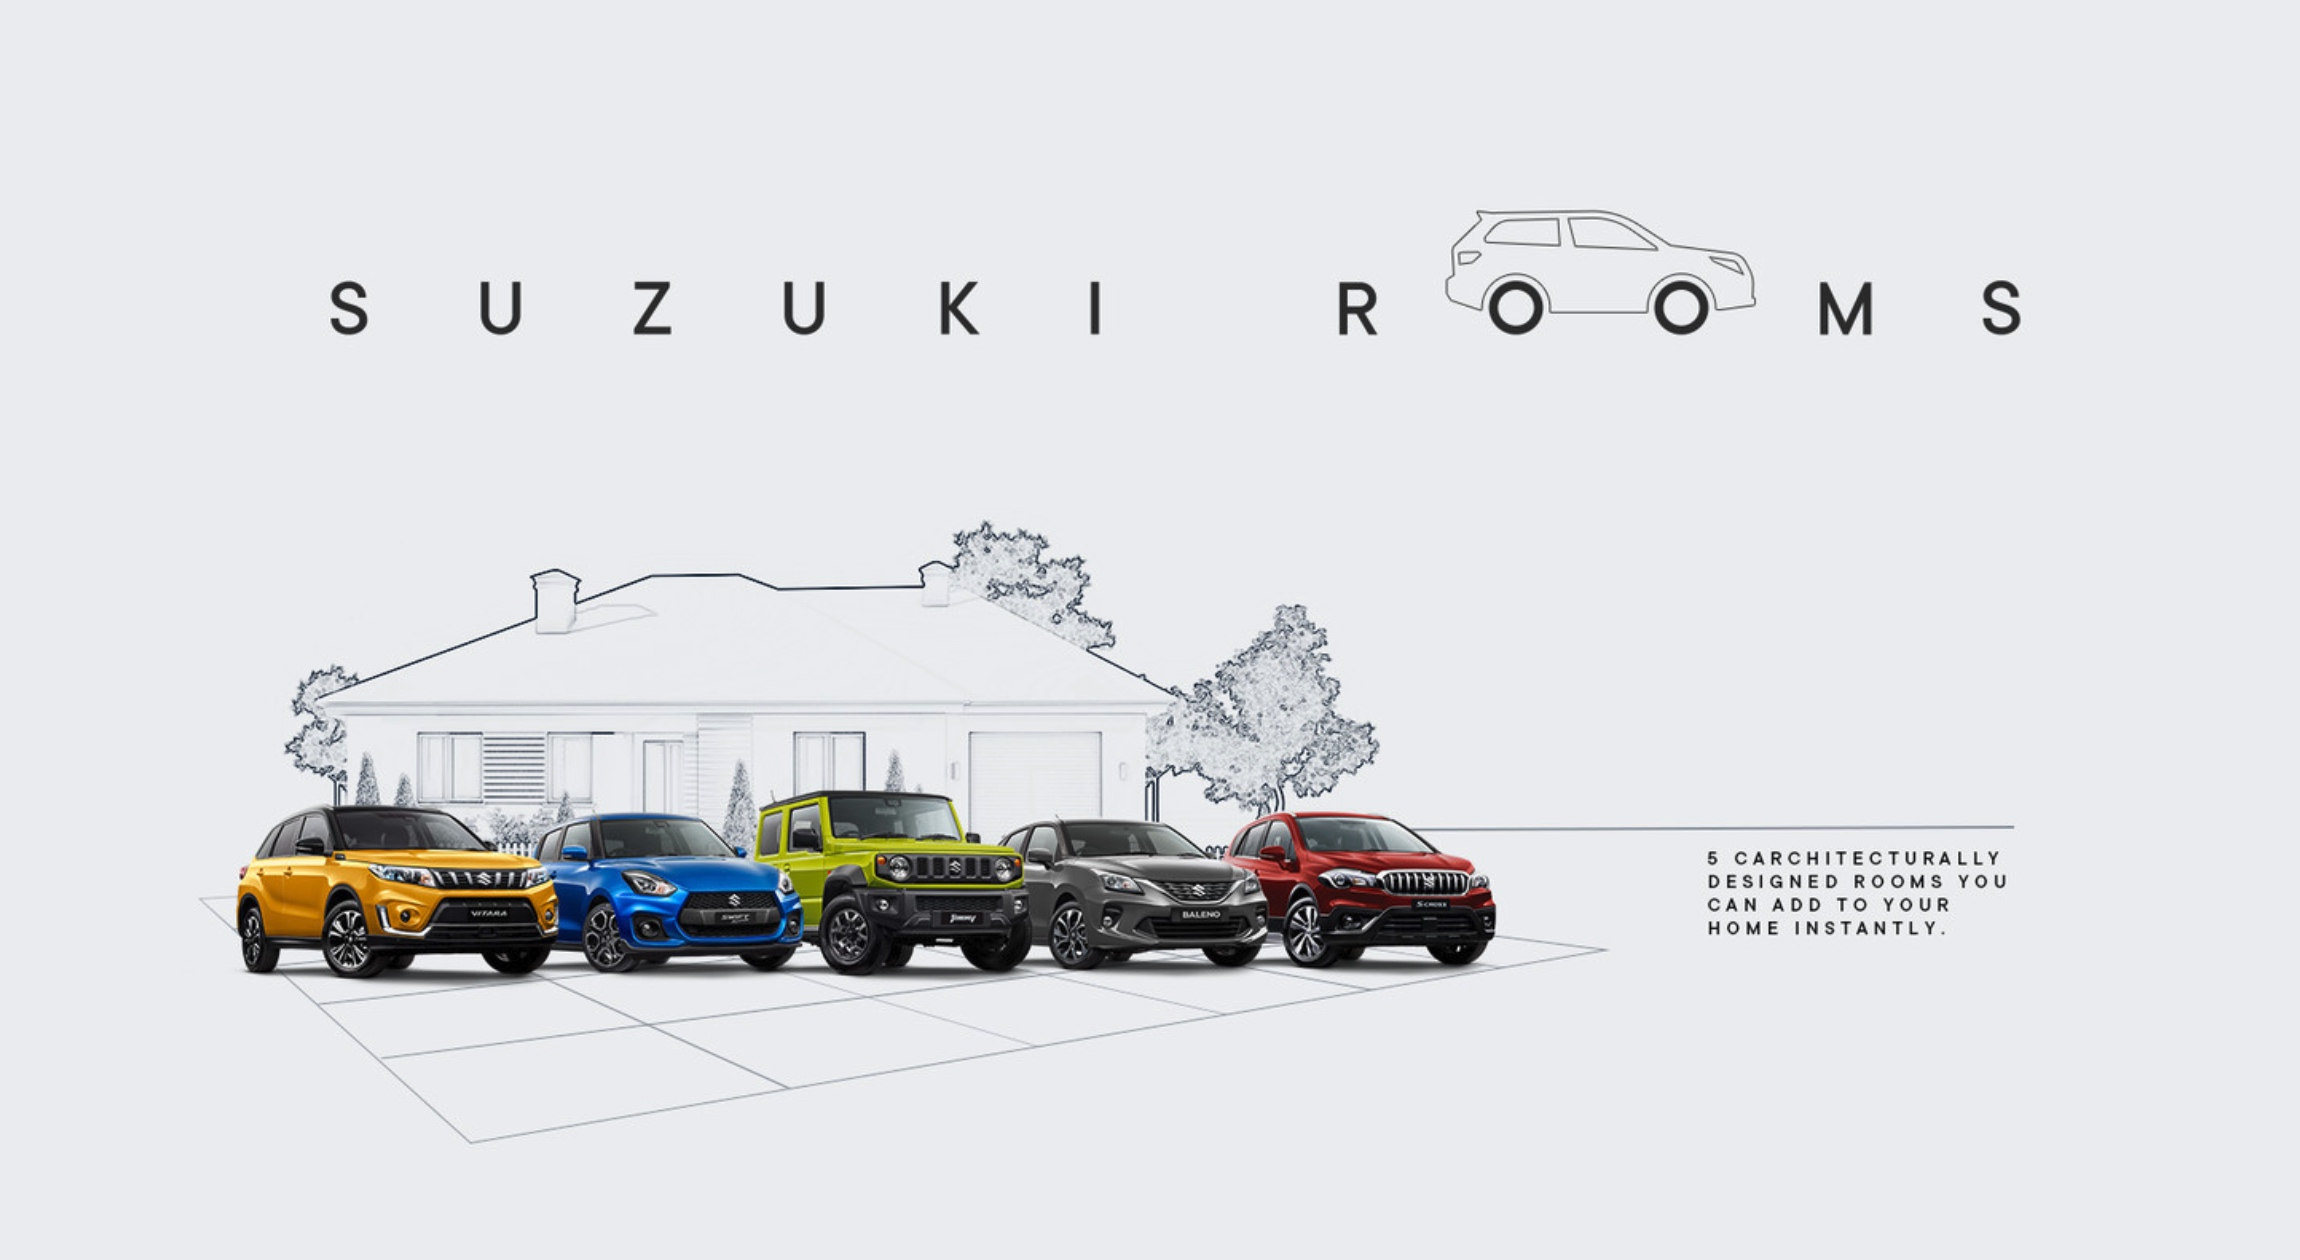 Suzuki offers Australians extra room with 'Suzuki Architecture' via Deloitte Digital